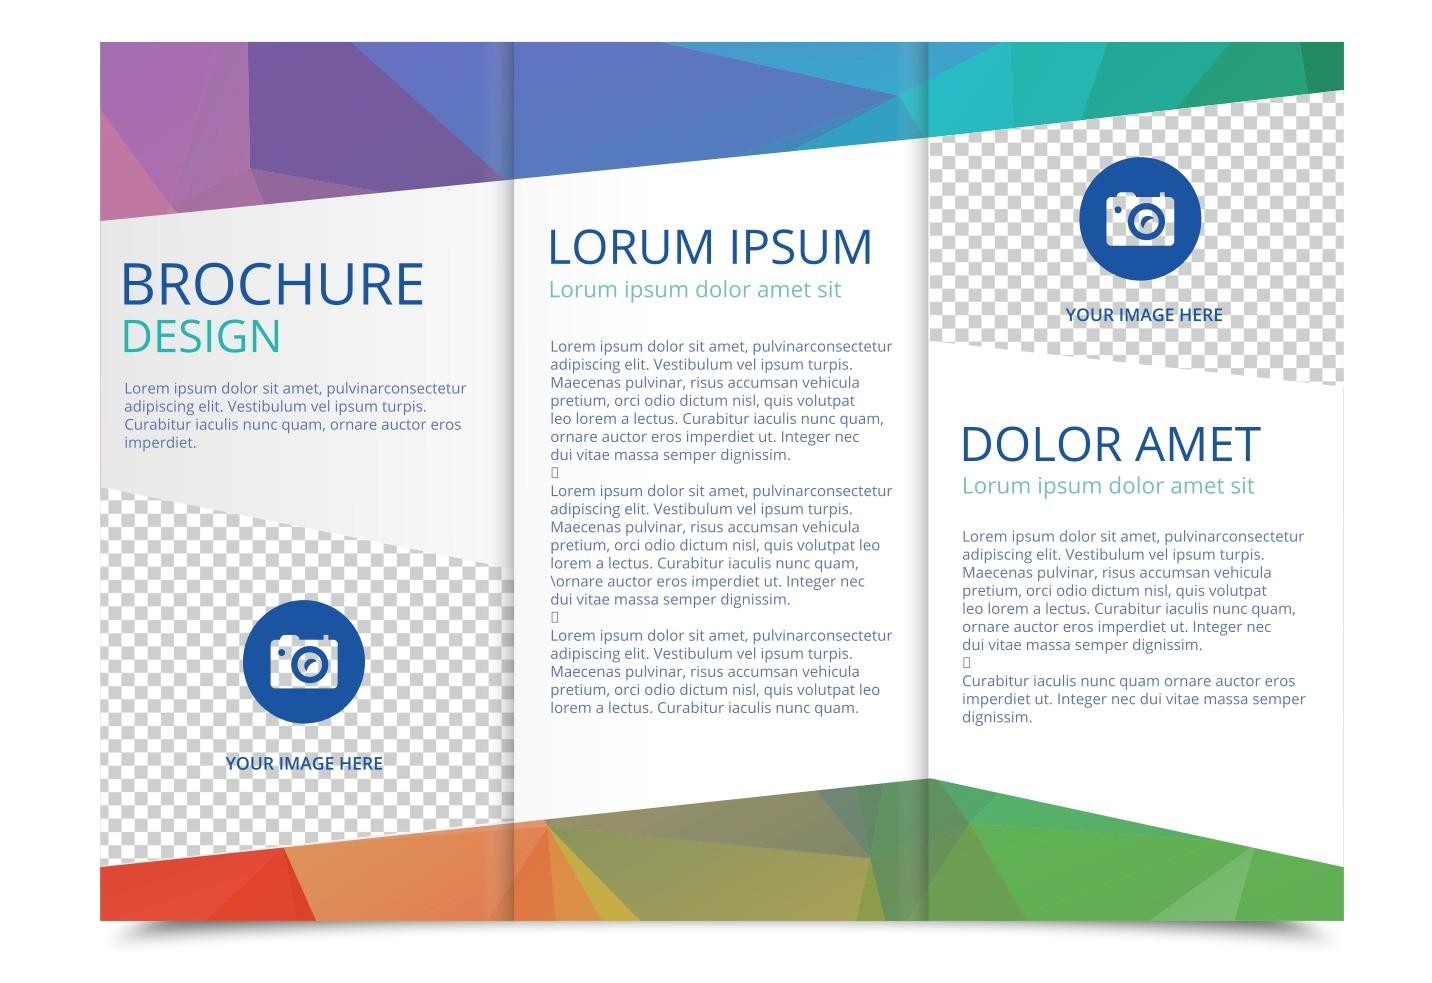 Free Tri Fold Brochure Template Downloads Tri Fold Brochure Vector Template Download Free Vector